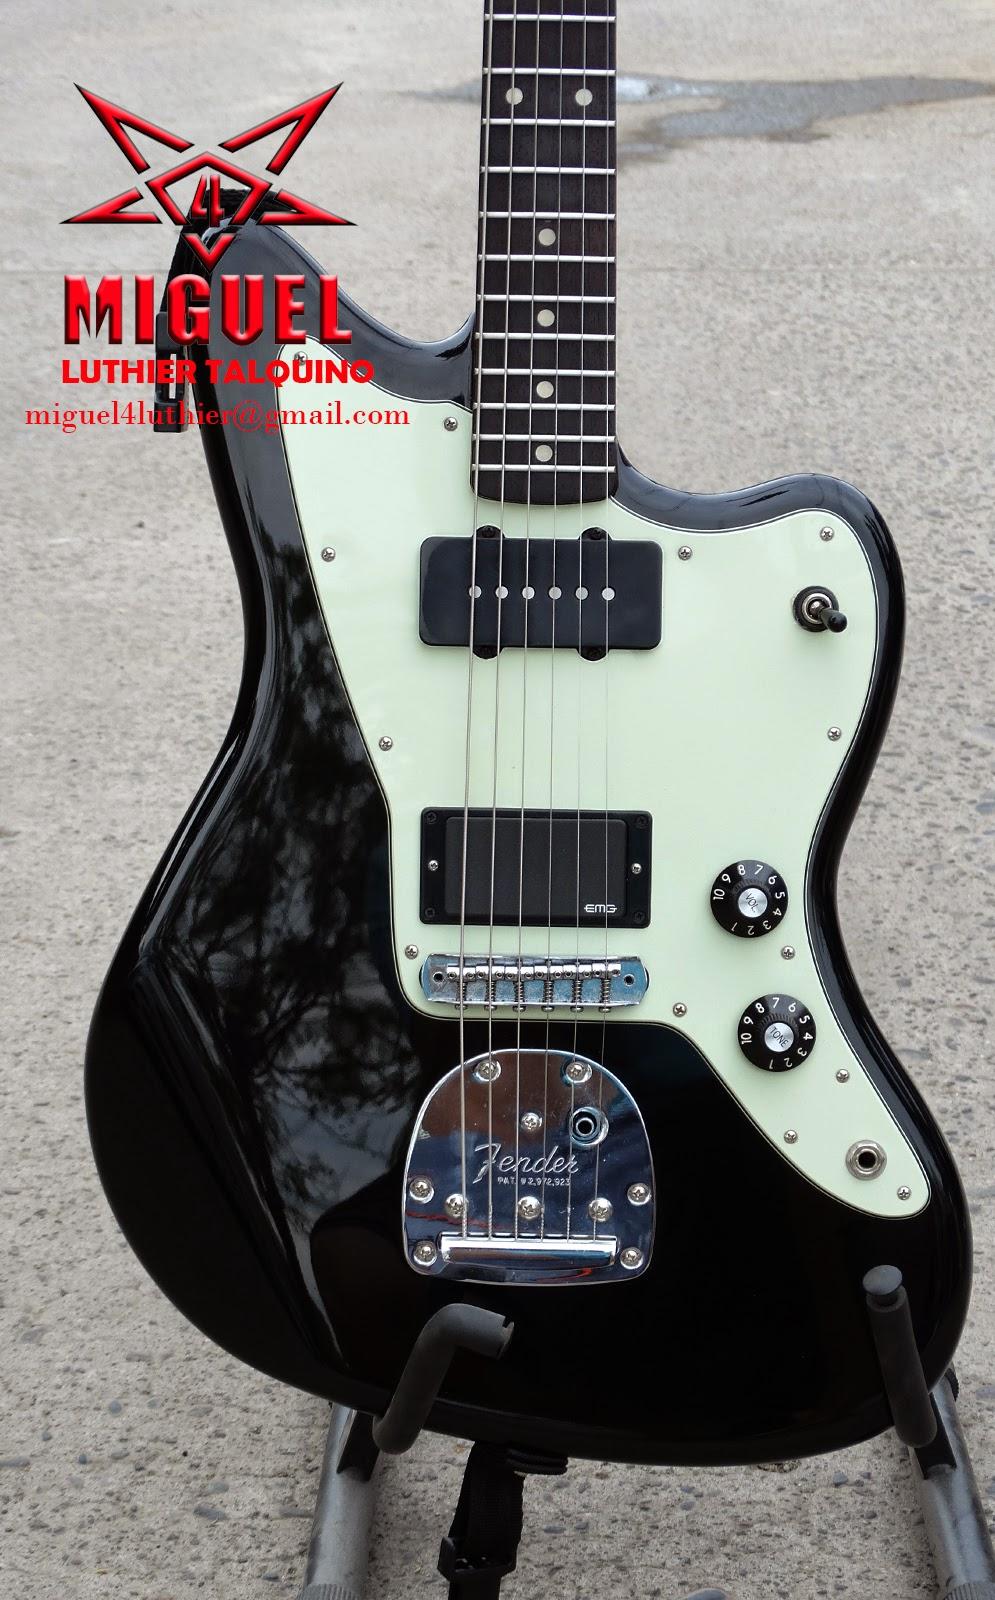 Luthier miguel4 talca modificaci n guitarra el ctrica for Luthier guitarra electrica